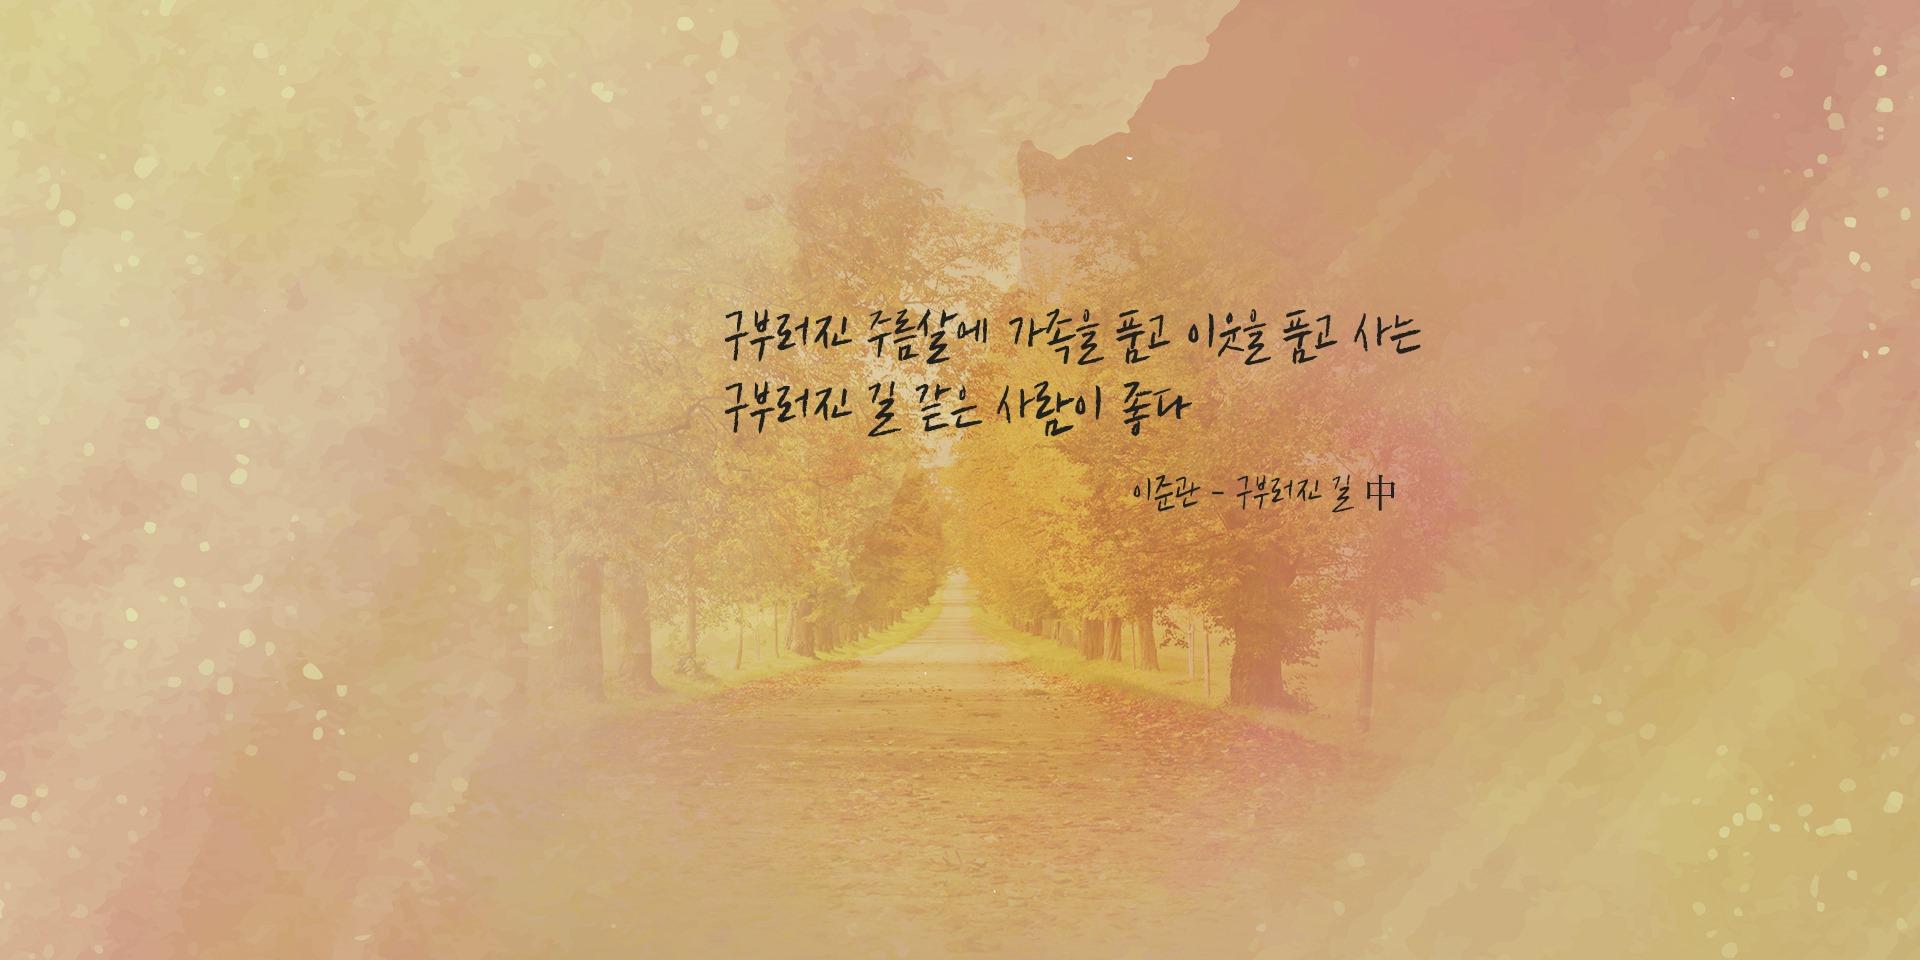 [시] 이준관의